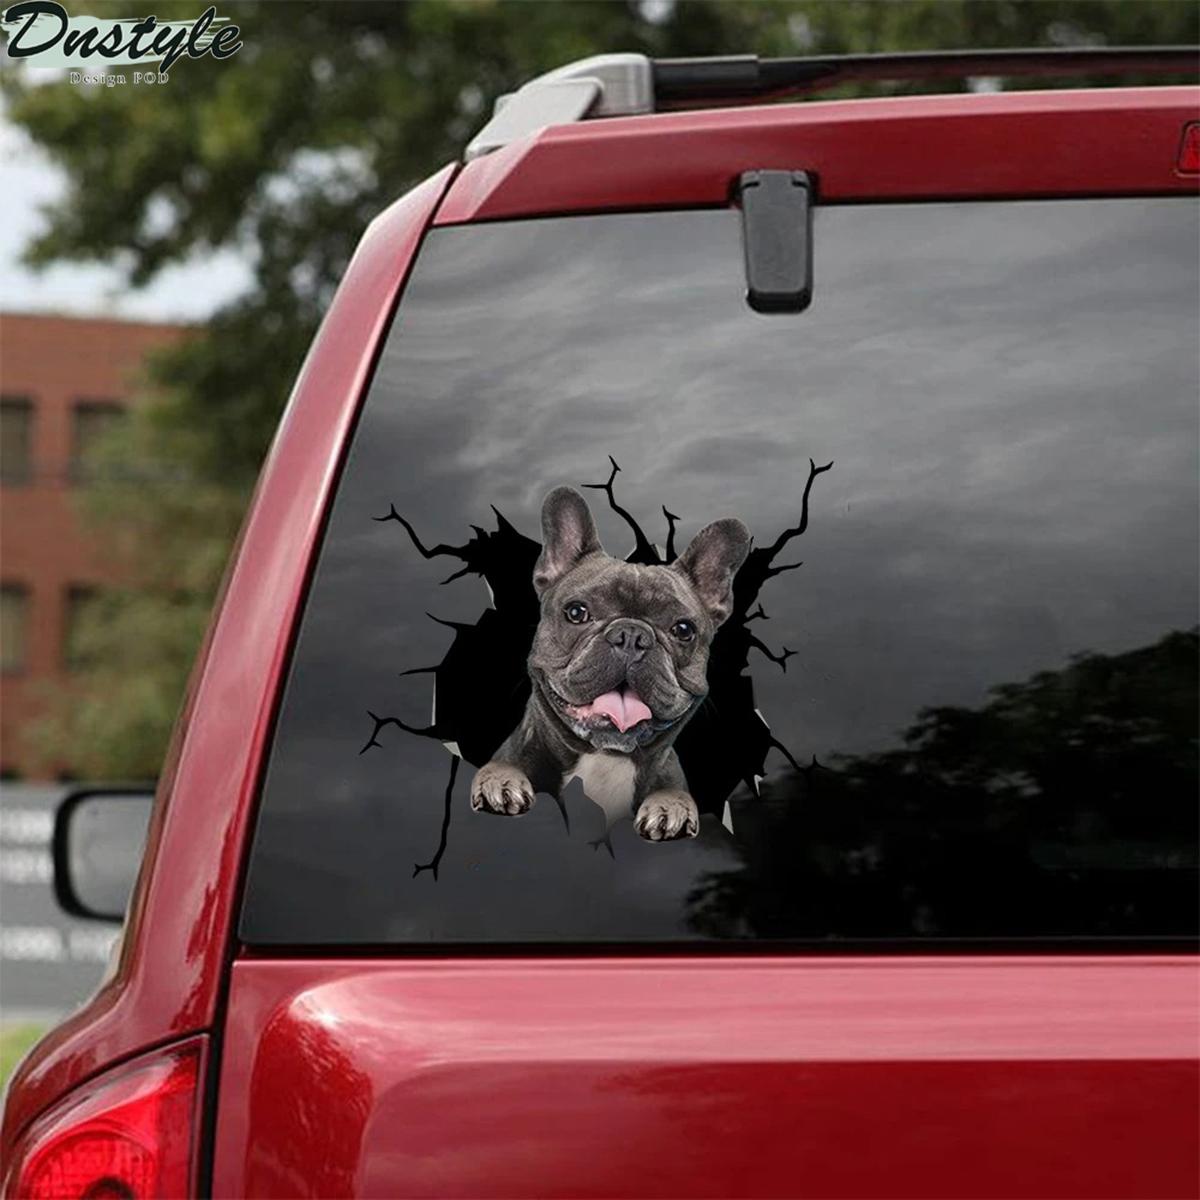 Funny french bulldog sticker car decal 1